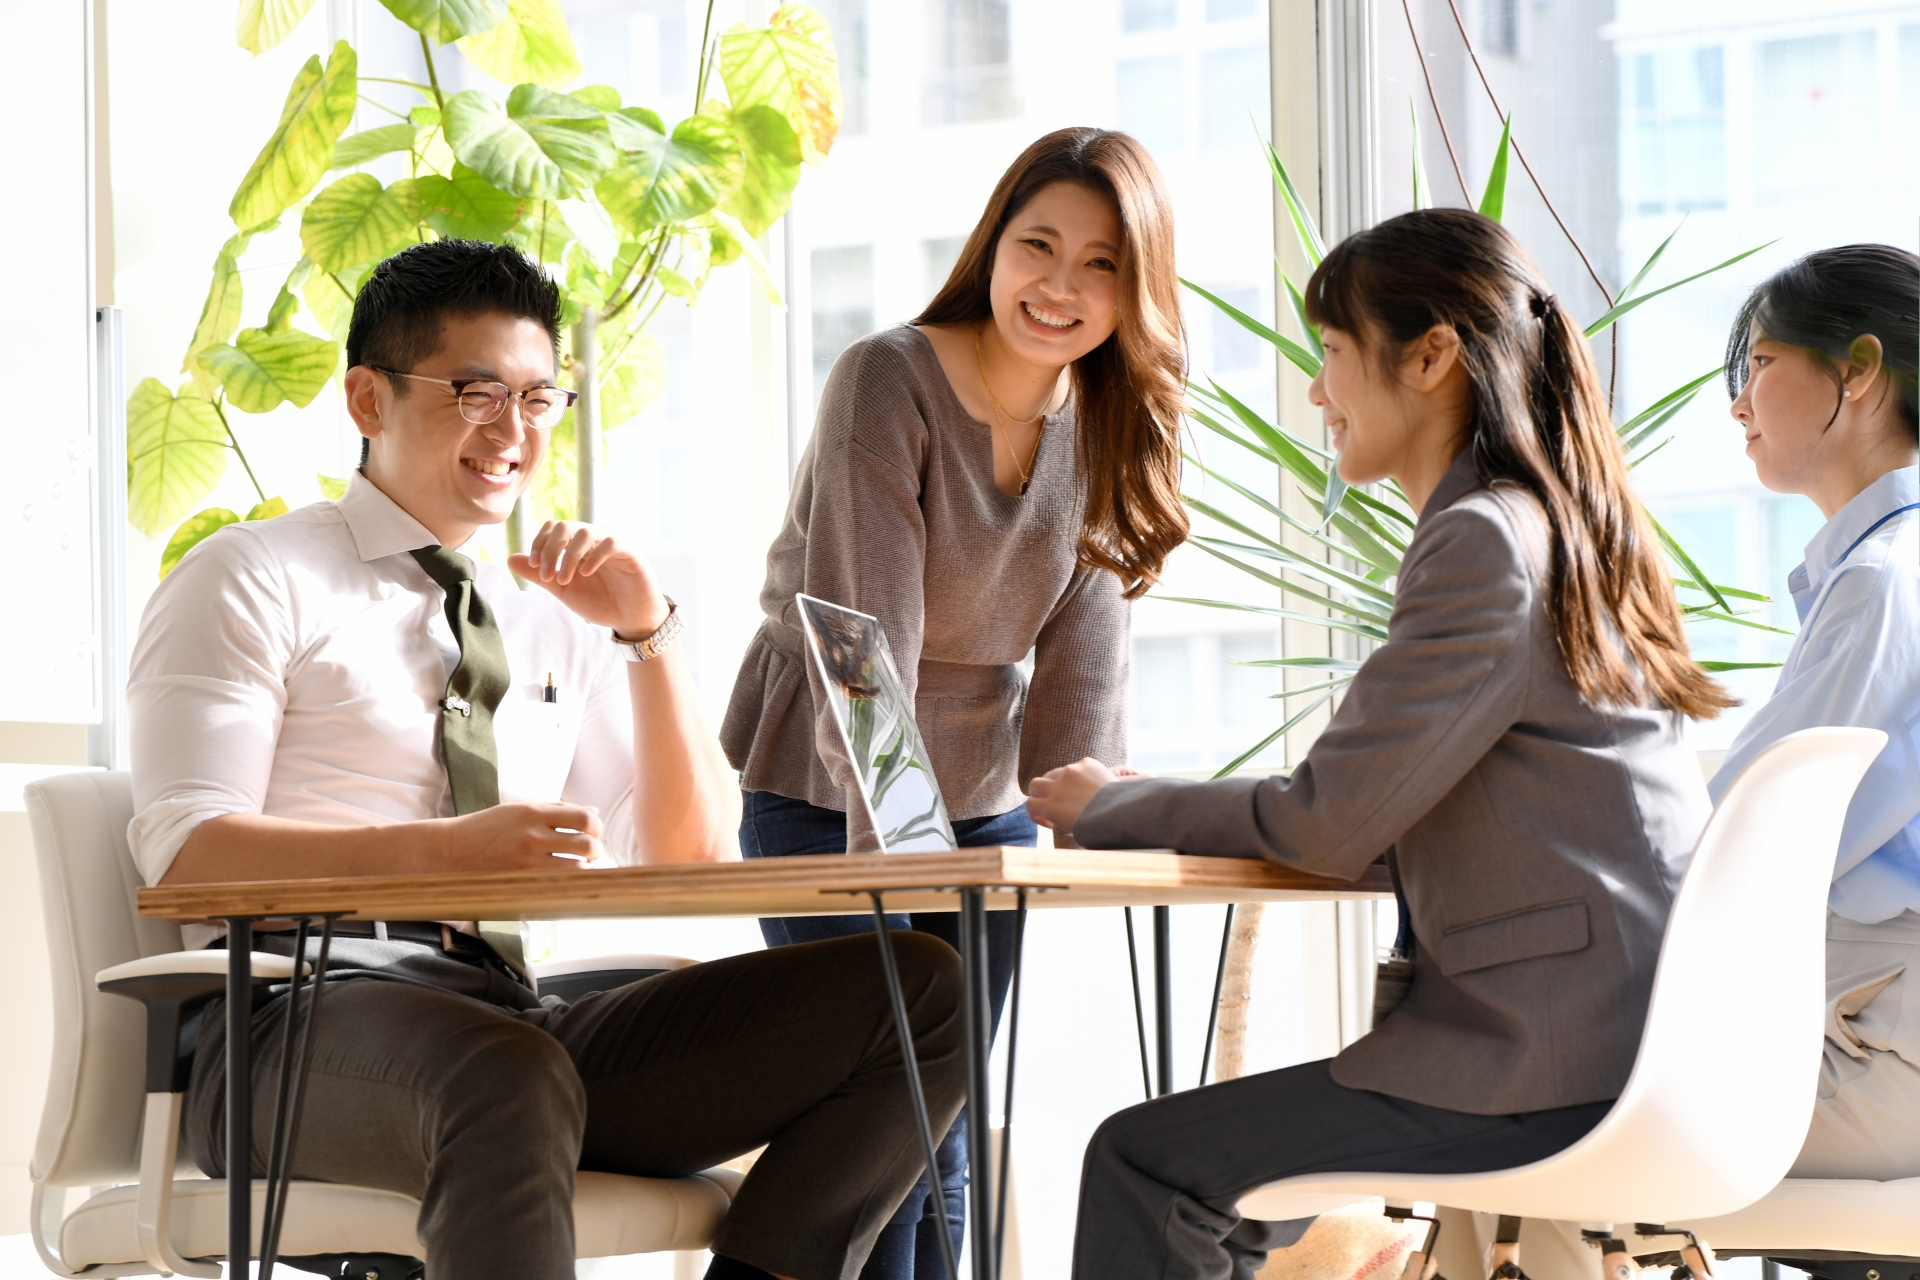 アサーショングループのご紹介~自分も相手も大切にするコミュニケーションの方法を学ぶ~